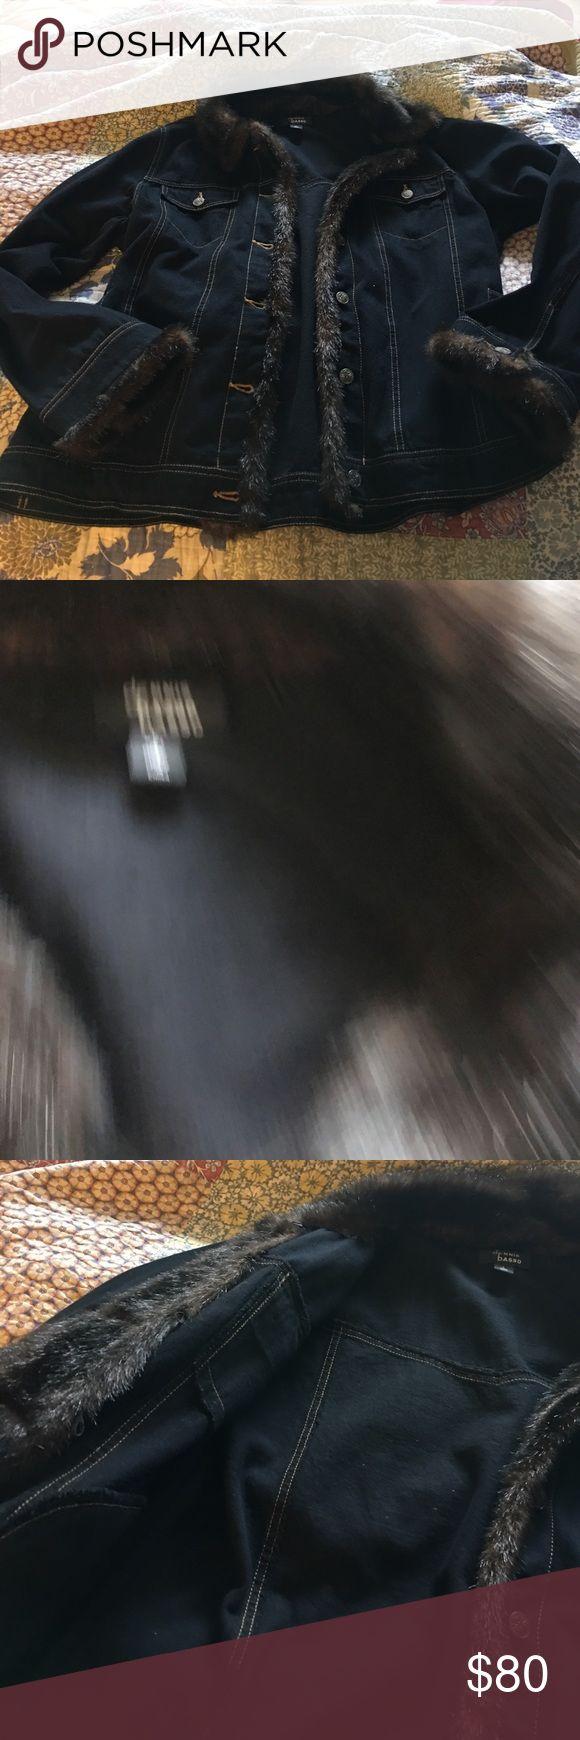 DENNIS BASSO Jean Jacket faux fur trim Beautiful DENNIS BASSO Jean jacket side pockets faux fur trim worn once. Jackets & Coats Jean Jackets